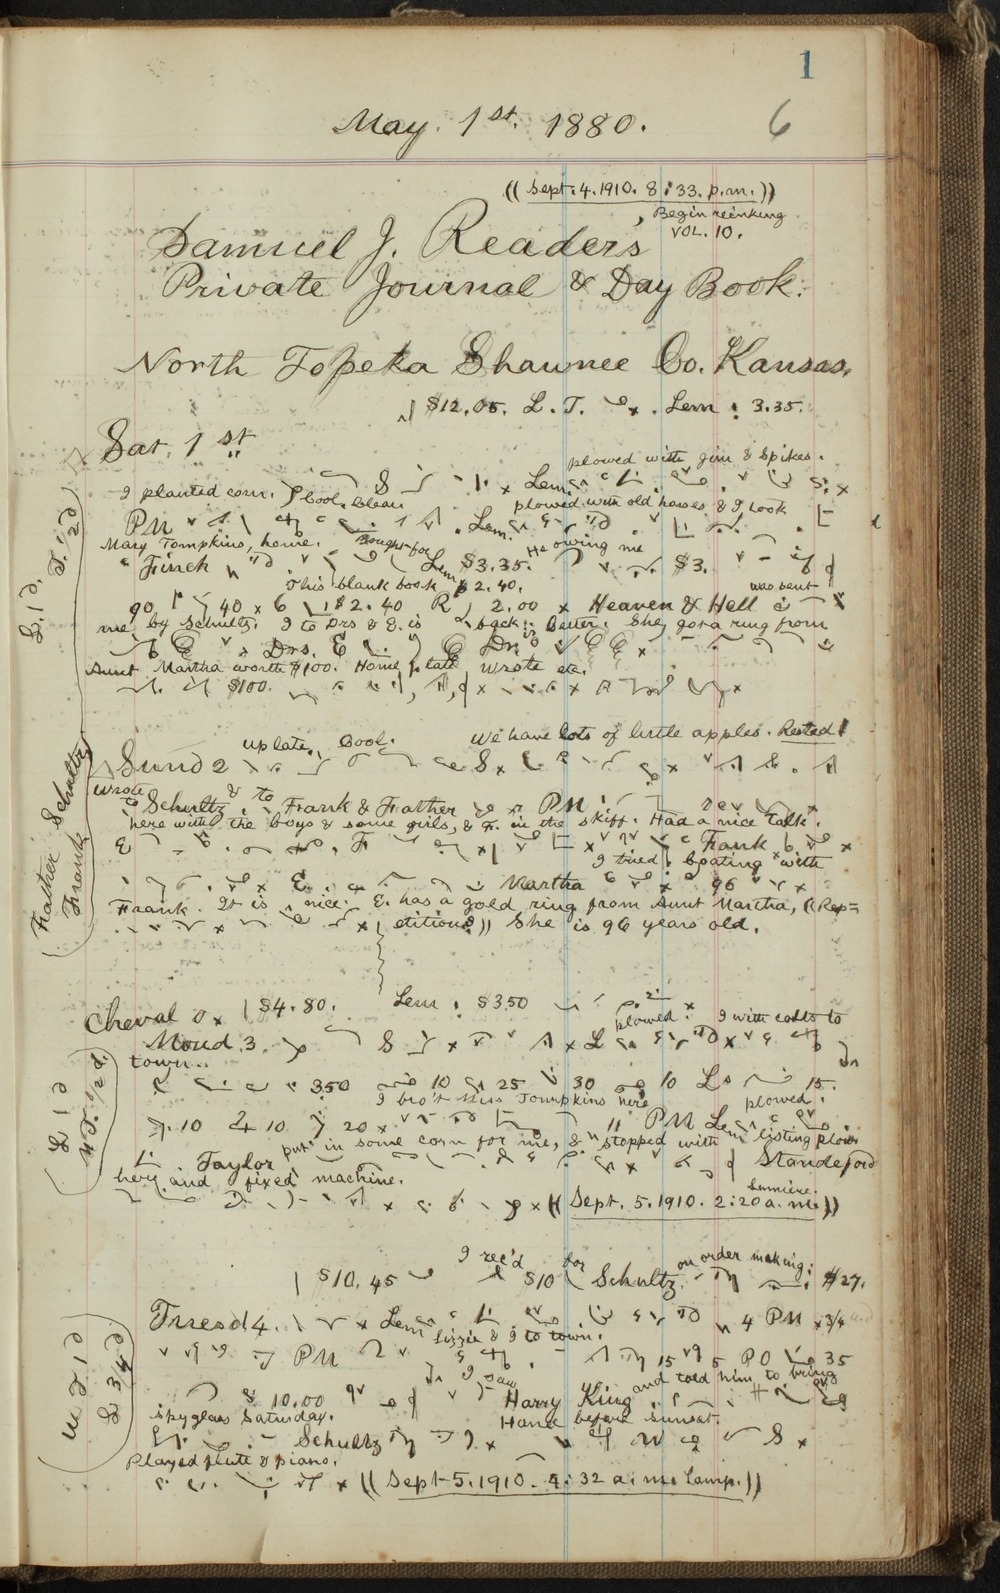 Samuel Reader's diary, volume 10 - 1